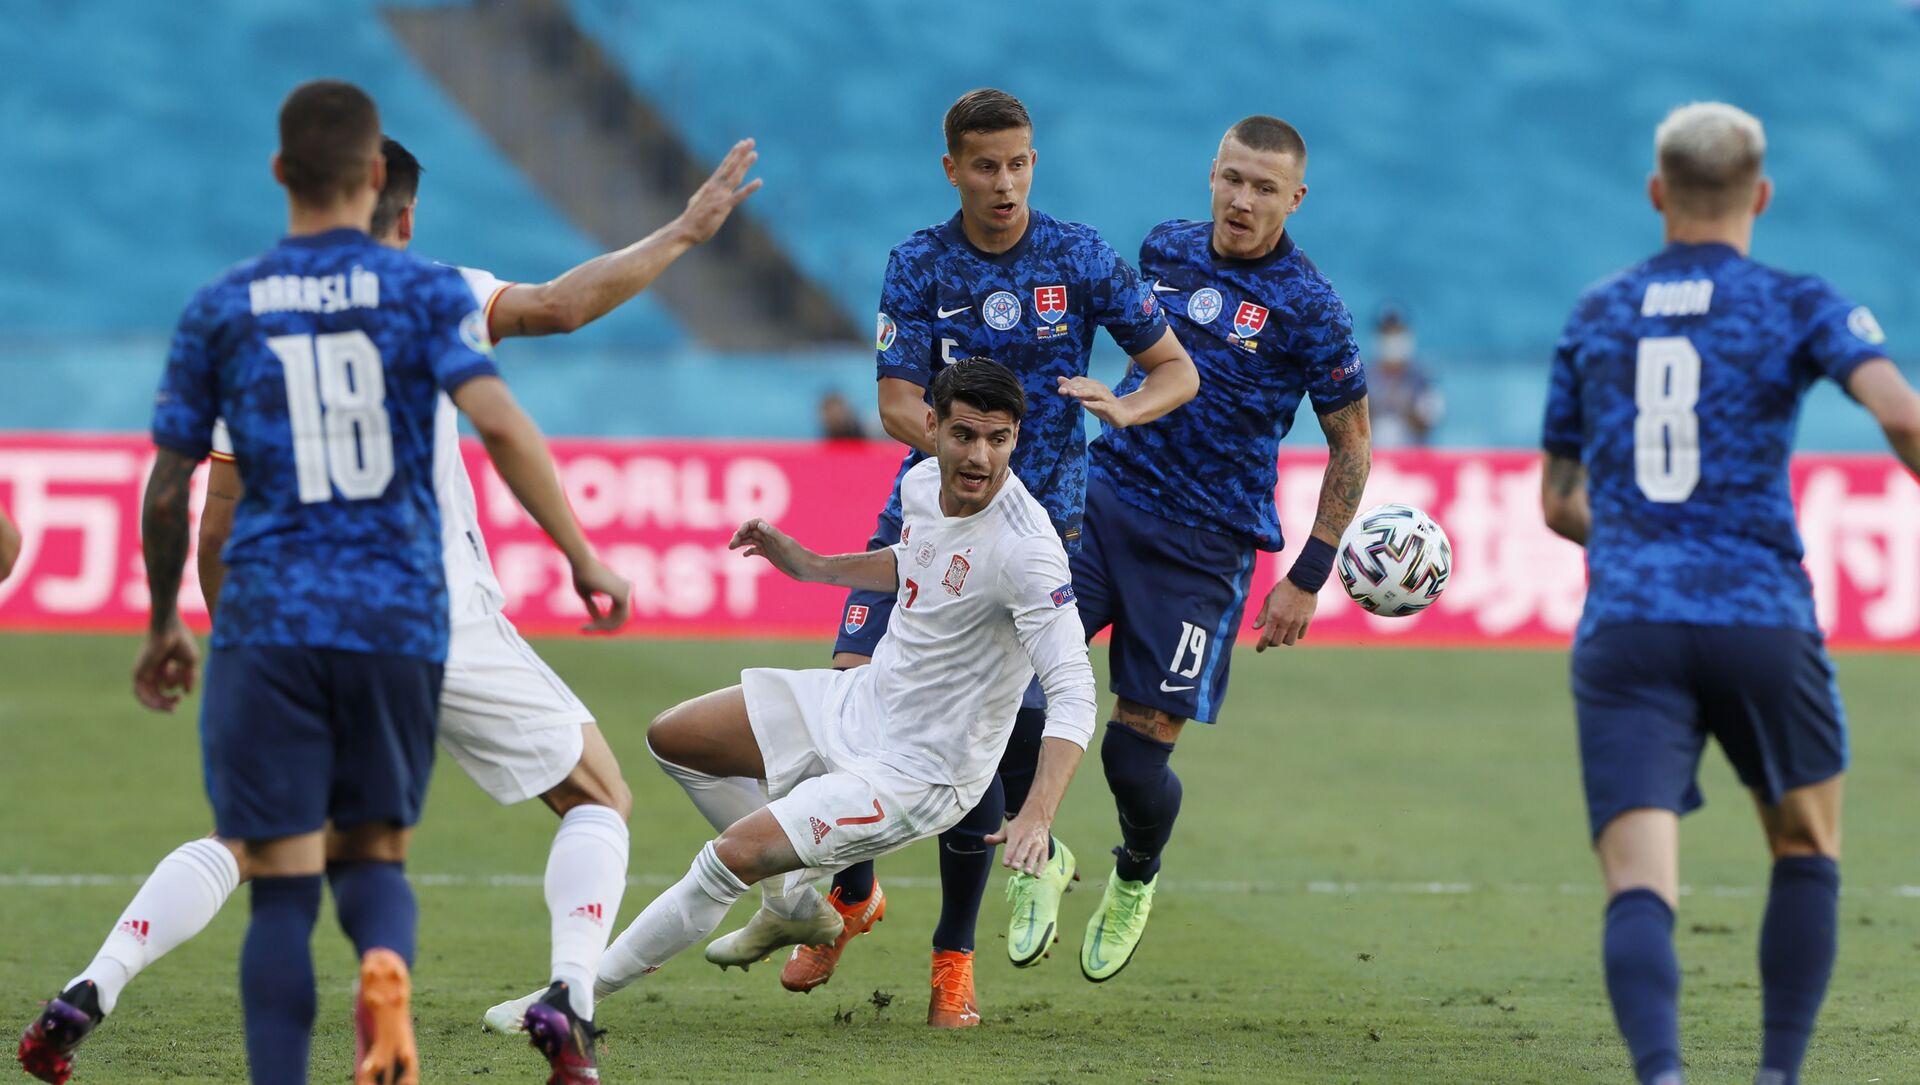 Trận đấu vòng bảng của Giải Vô địch Bóng đá châu Âu EURO 2020 giữa đội tuyển Tây Ban Nha và đội tuyển Slovakia. - Sputnik Việt Nam, 1920, 30.06.2021